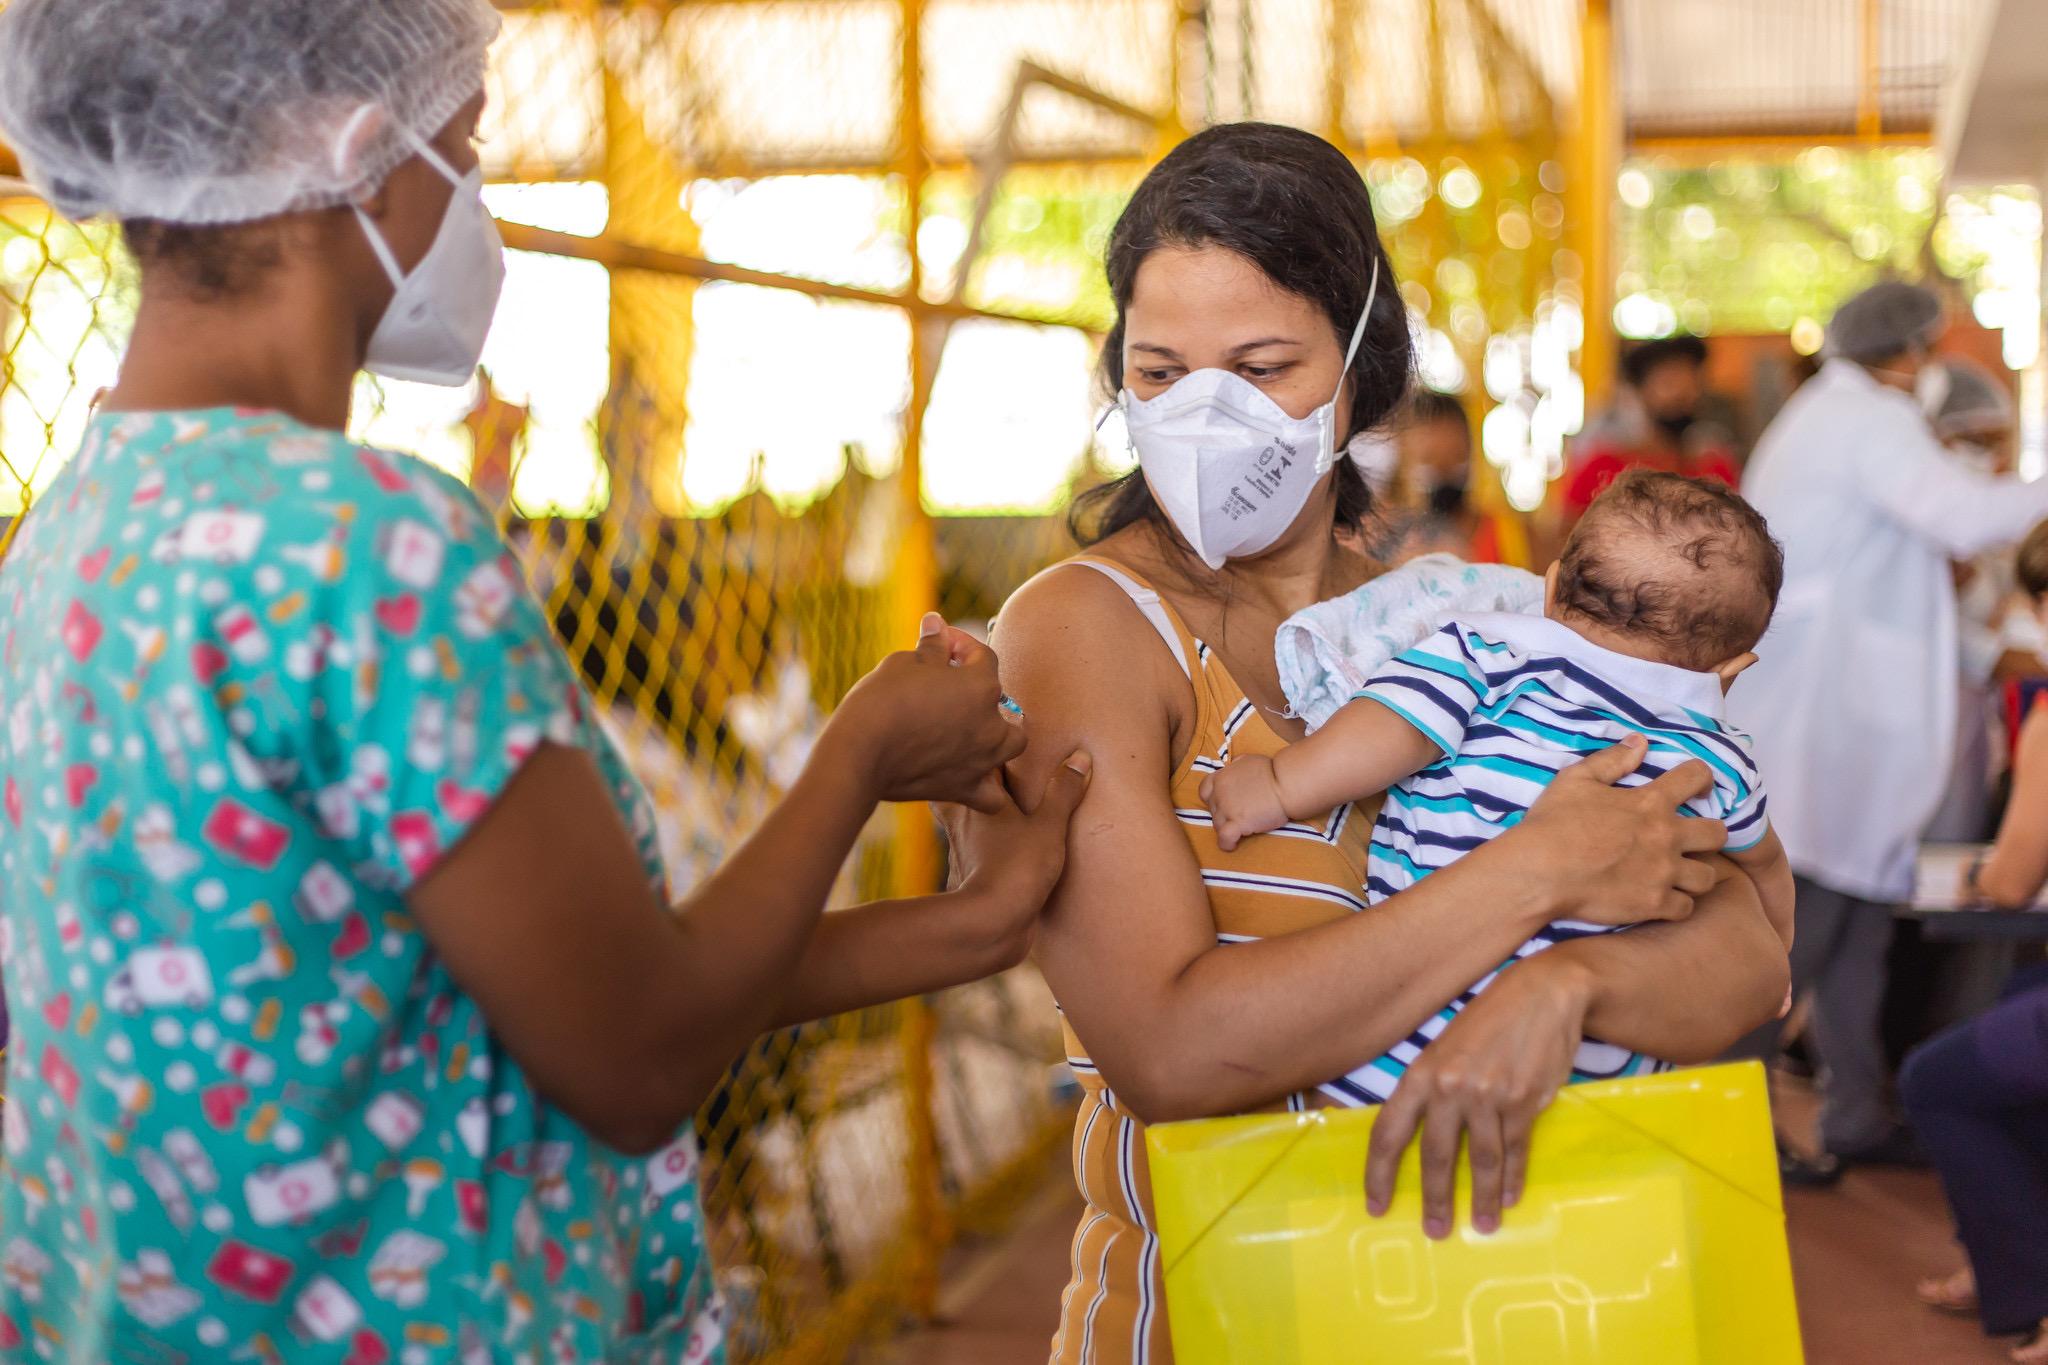 Grávidas, puérperas e lactantes de Lauro de Freitas relatam felicidade e alívio pela retomada da vacinação contra Covid-19